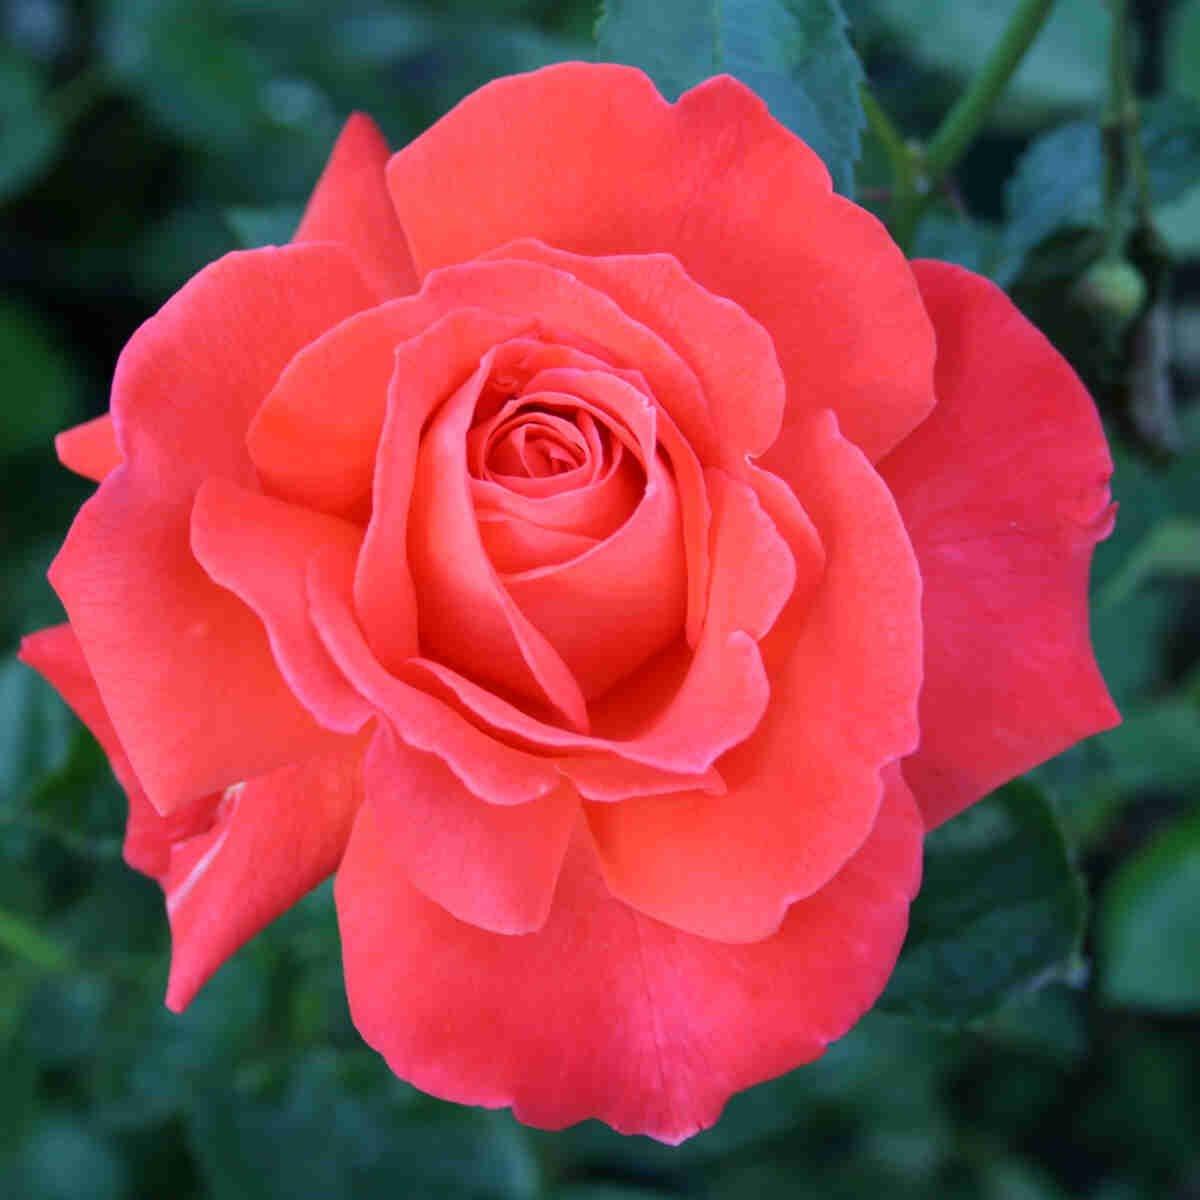 Storblomstret orange rød blomst i Alexander